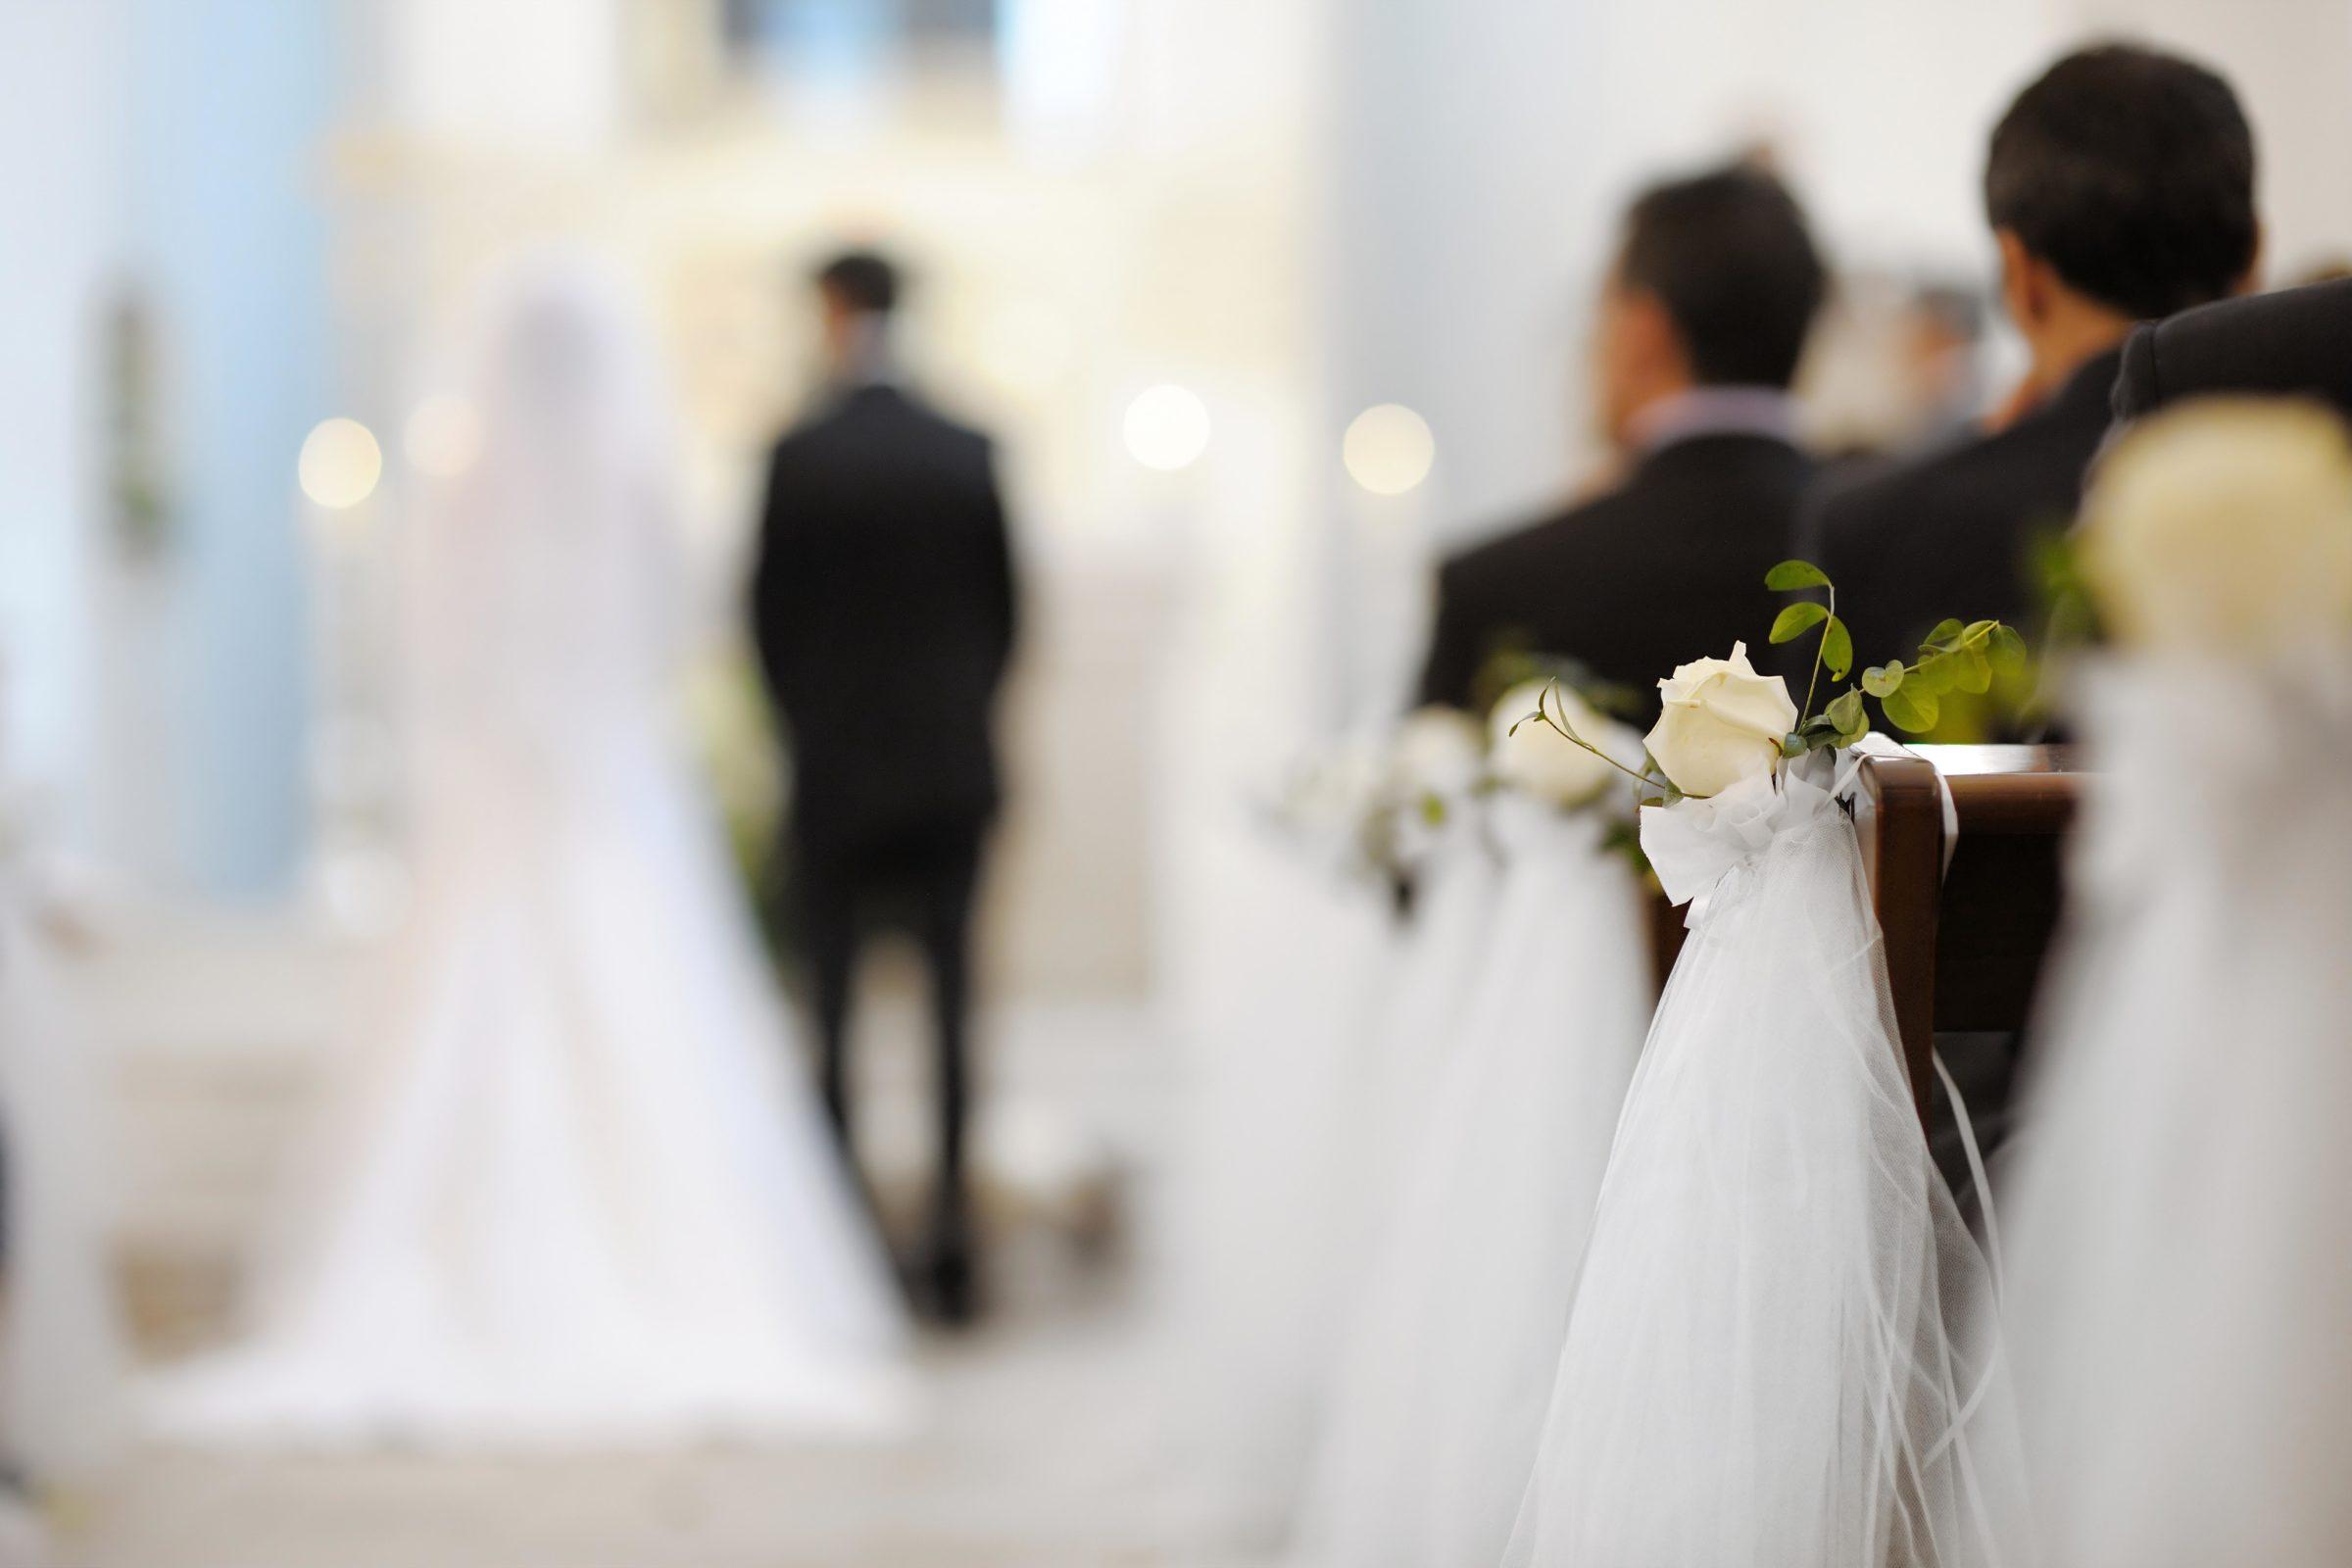 Voicisters - Mondsee Wedding Choir | Der Hochzeitschor aus Mondsee für den schönsten Tag Ihres Lebens